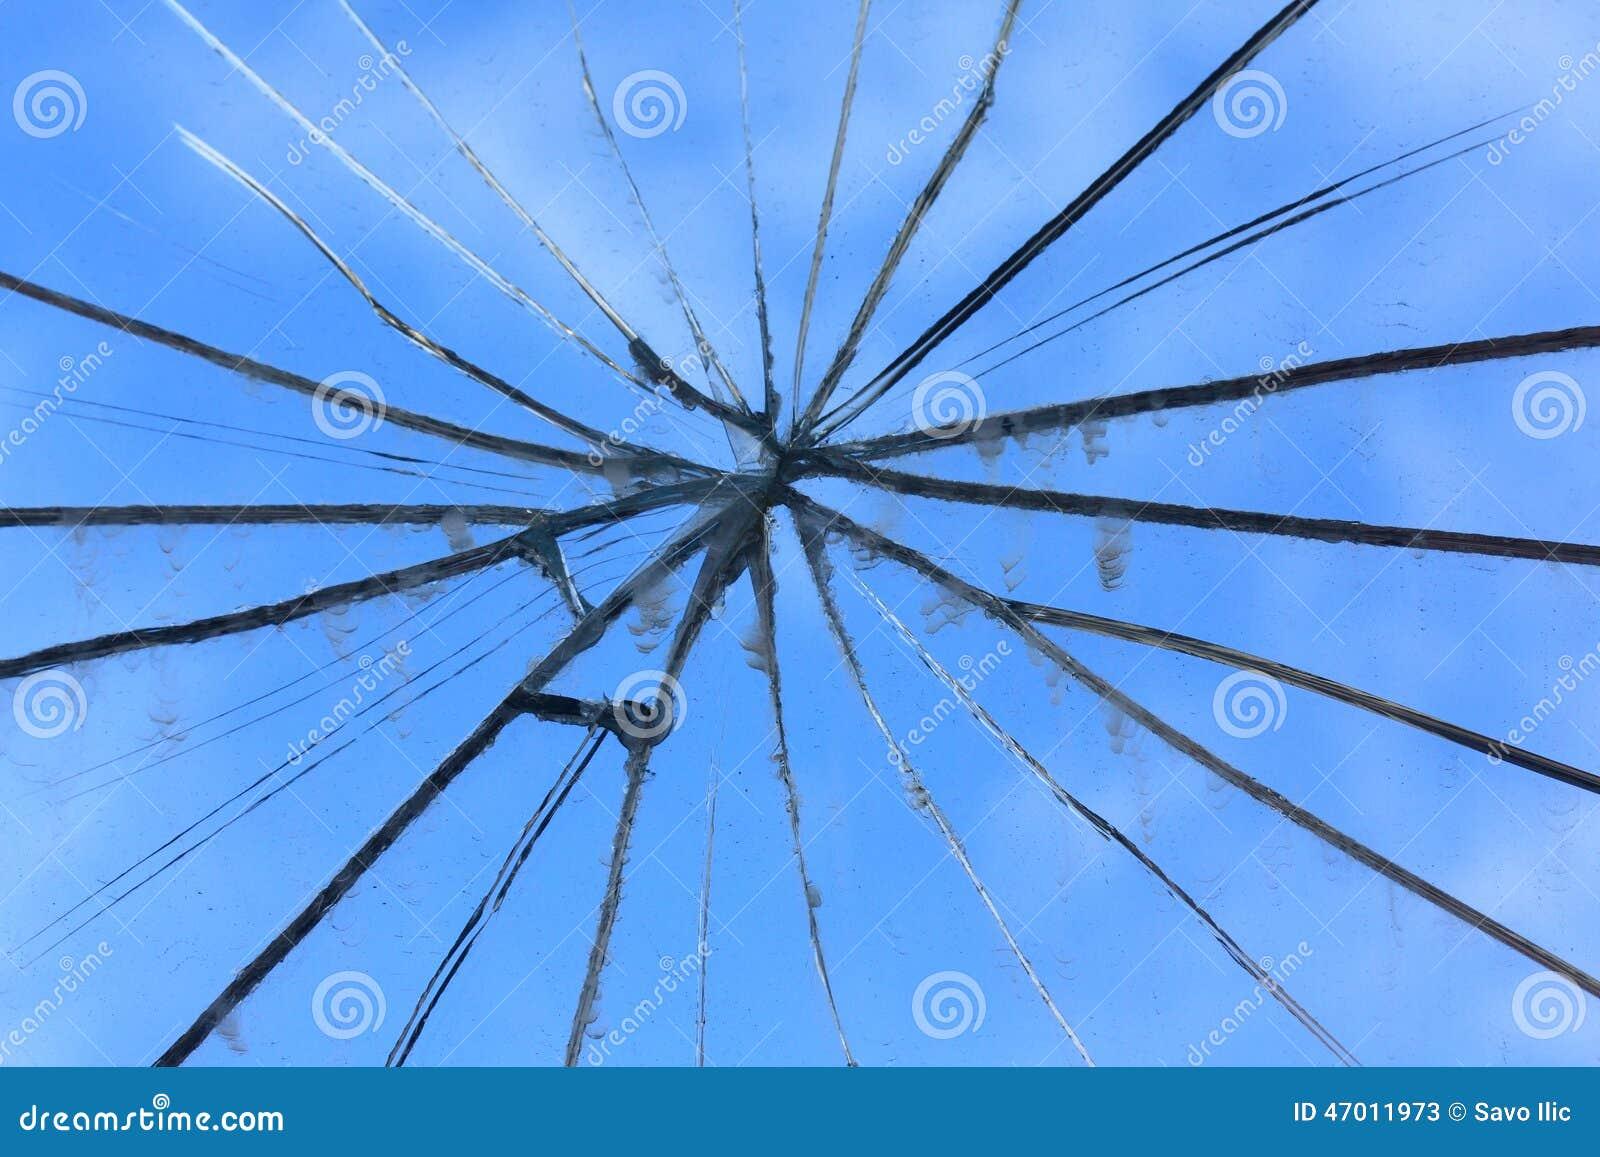 Specchio rotto fotografia stock immagine 47011973 - Specchio rotto sfortuna ...